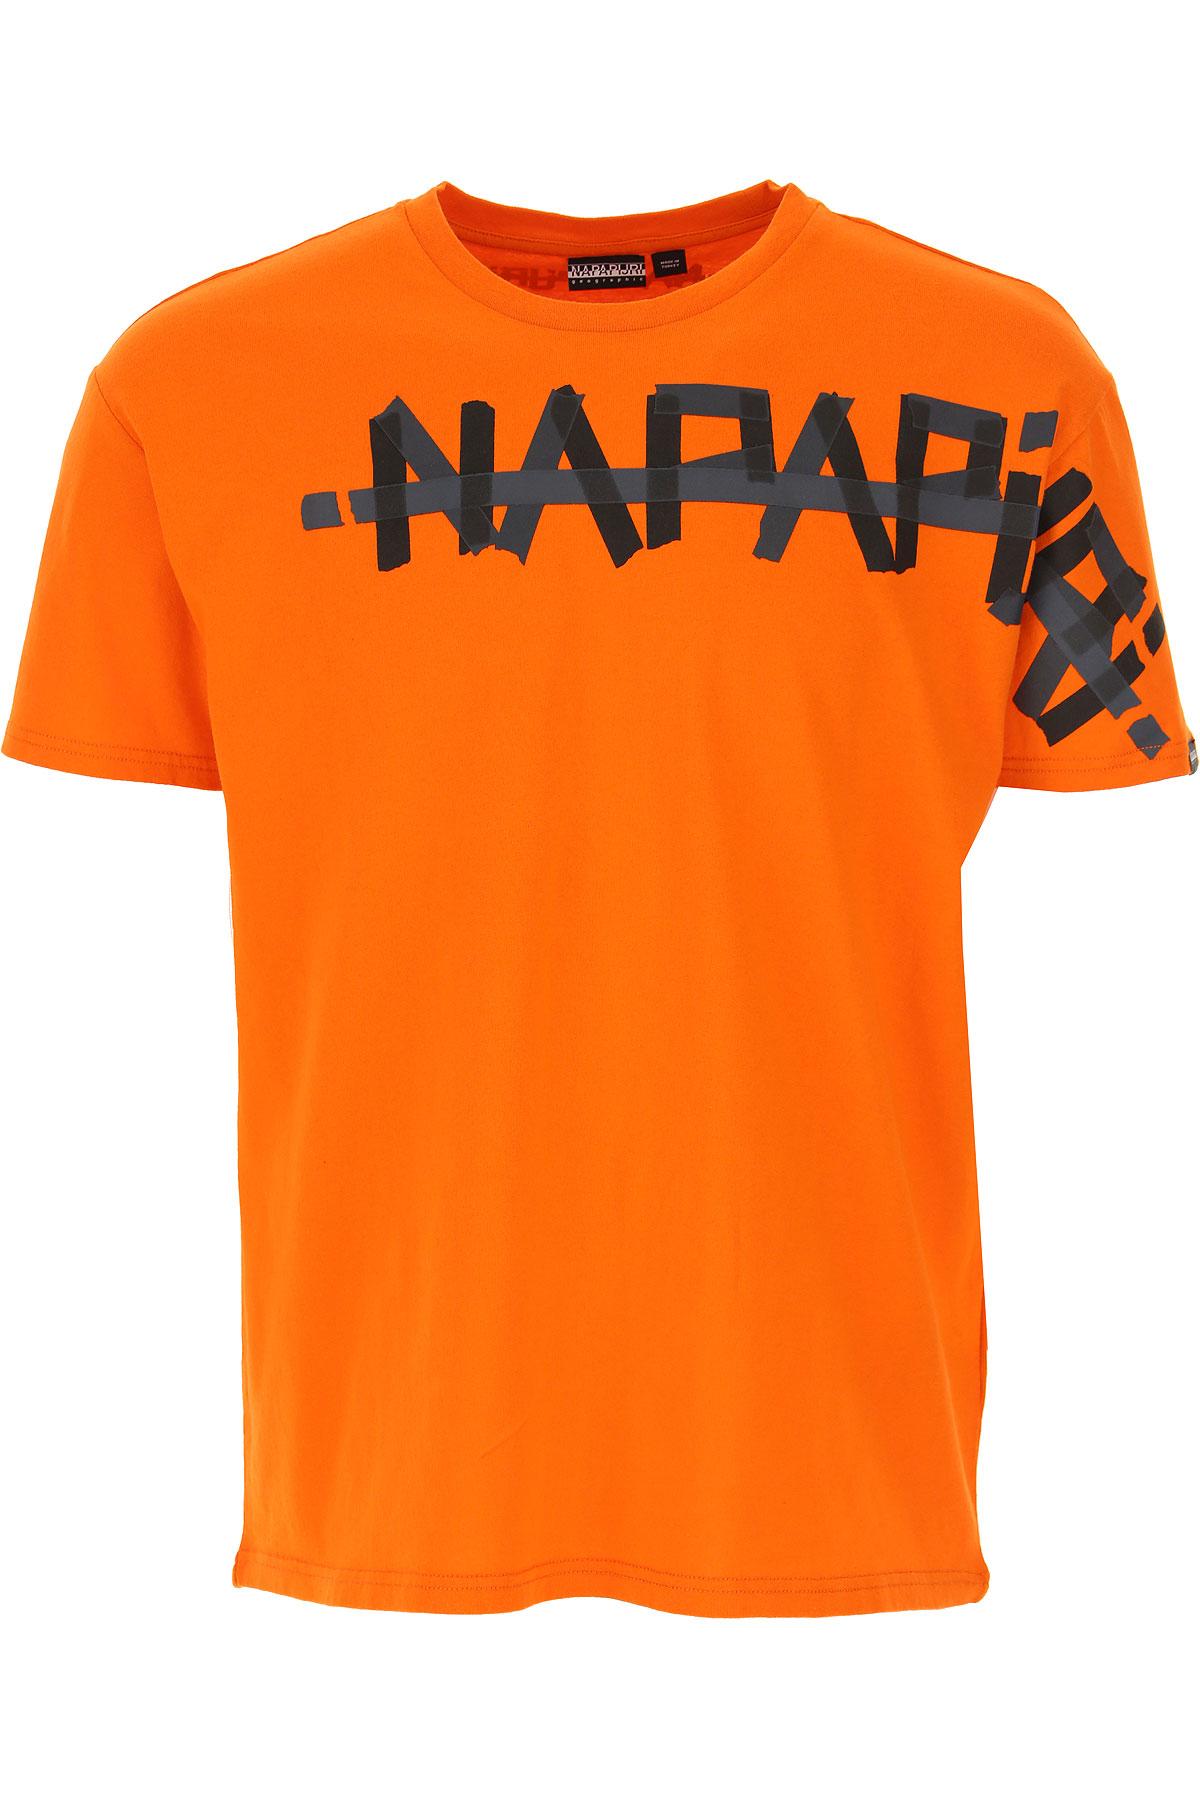 Napapijri T-Shirt for Men On Sale, Orange, Cotton, 2019, L S XS